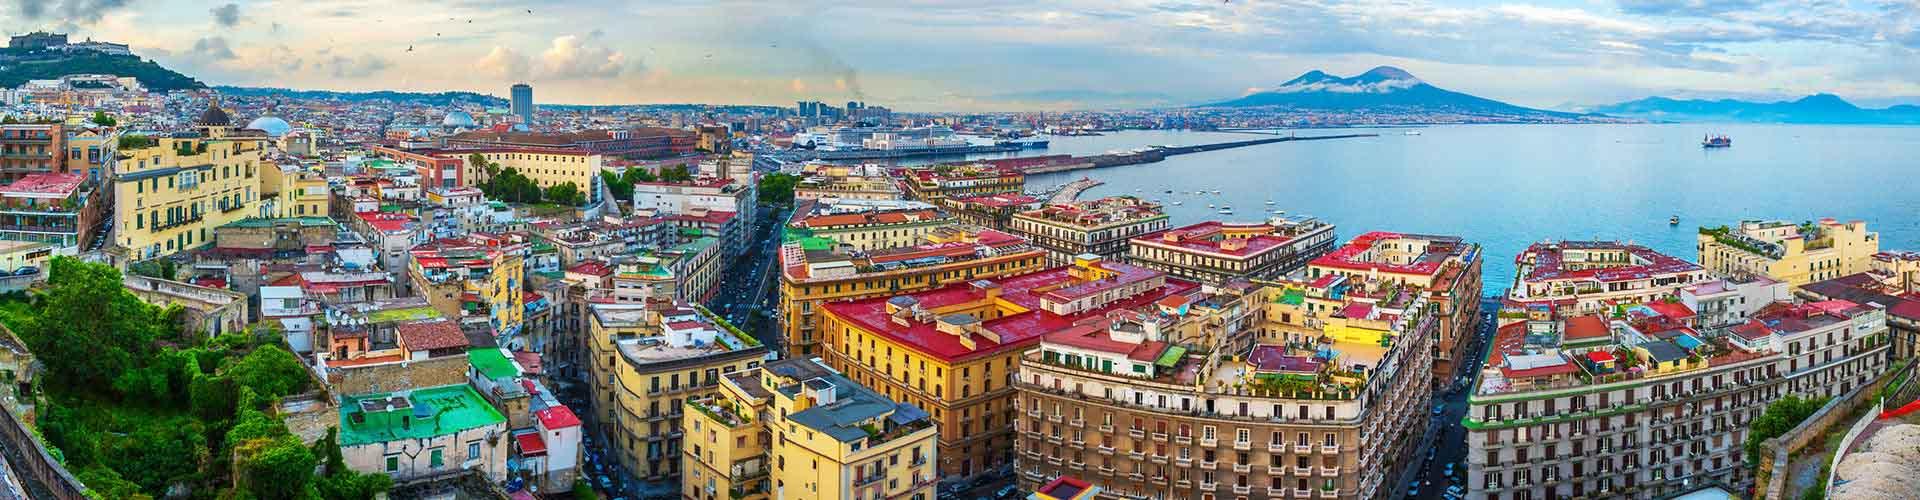 Napoli - Hostele w mieście: Napoli, Mapy: Napoli, Zdjęcia i Recenzje dla każdego hostelu w mieście Napoli.